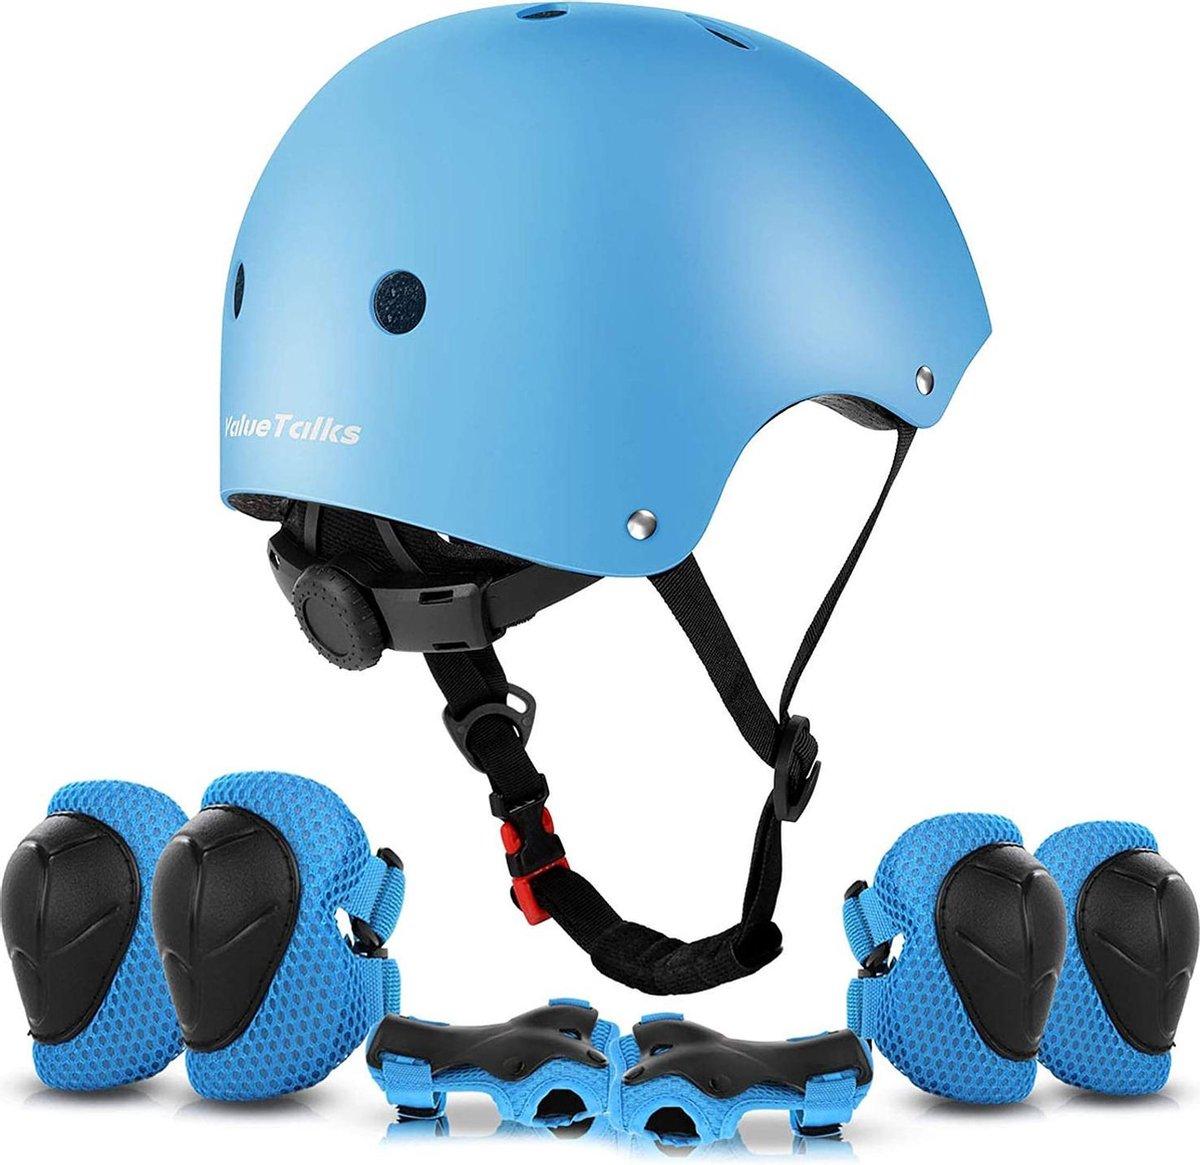 BPS® - Skate beschermset - Skeeler beschermset - Skate bescherming - Skatehelm - Skeeler Beschermset kinderen en volwassenen - Fietsbescherming - sportbescherming - skatehelm voor kinderen